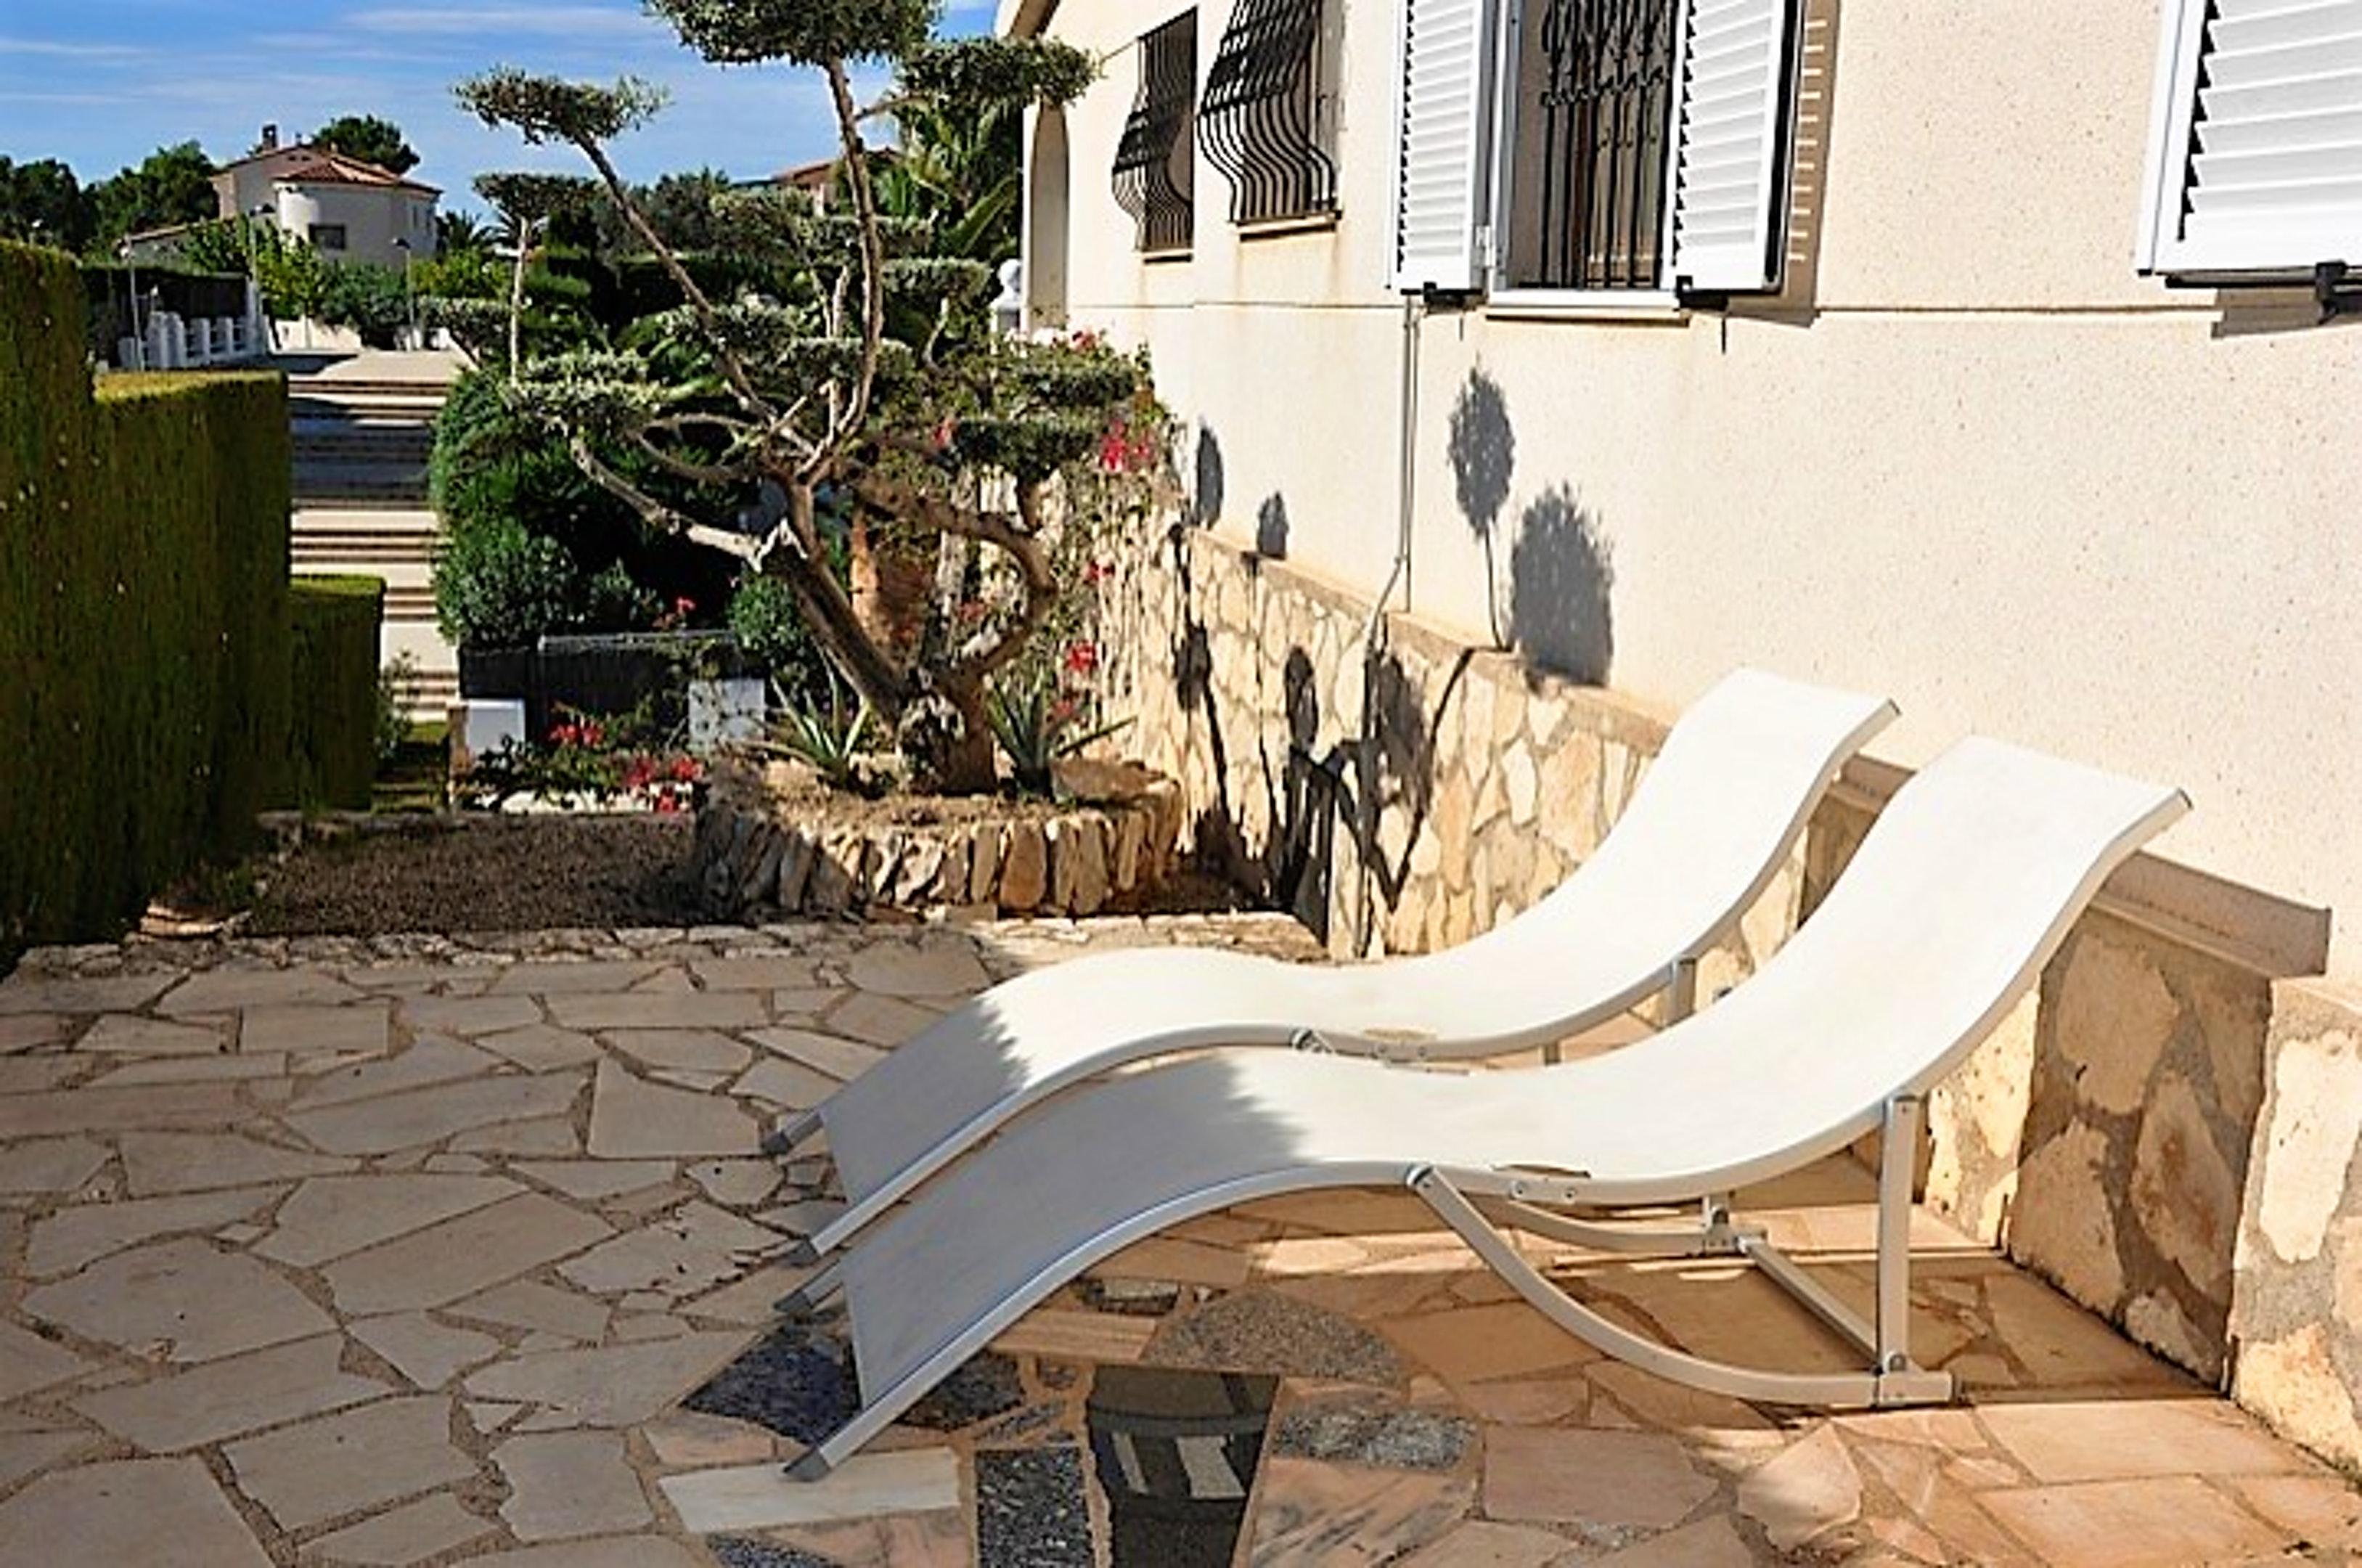 Ferienhaus Villa mit 3 Schlafzimmern in Ampolla mit herrlichem Meerblick, privatem Pool, möbliertem G (2201036), L'Ampolla, Costa Dorada, Katalonien, Spanien, Bild 28